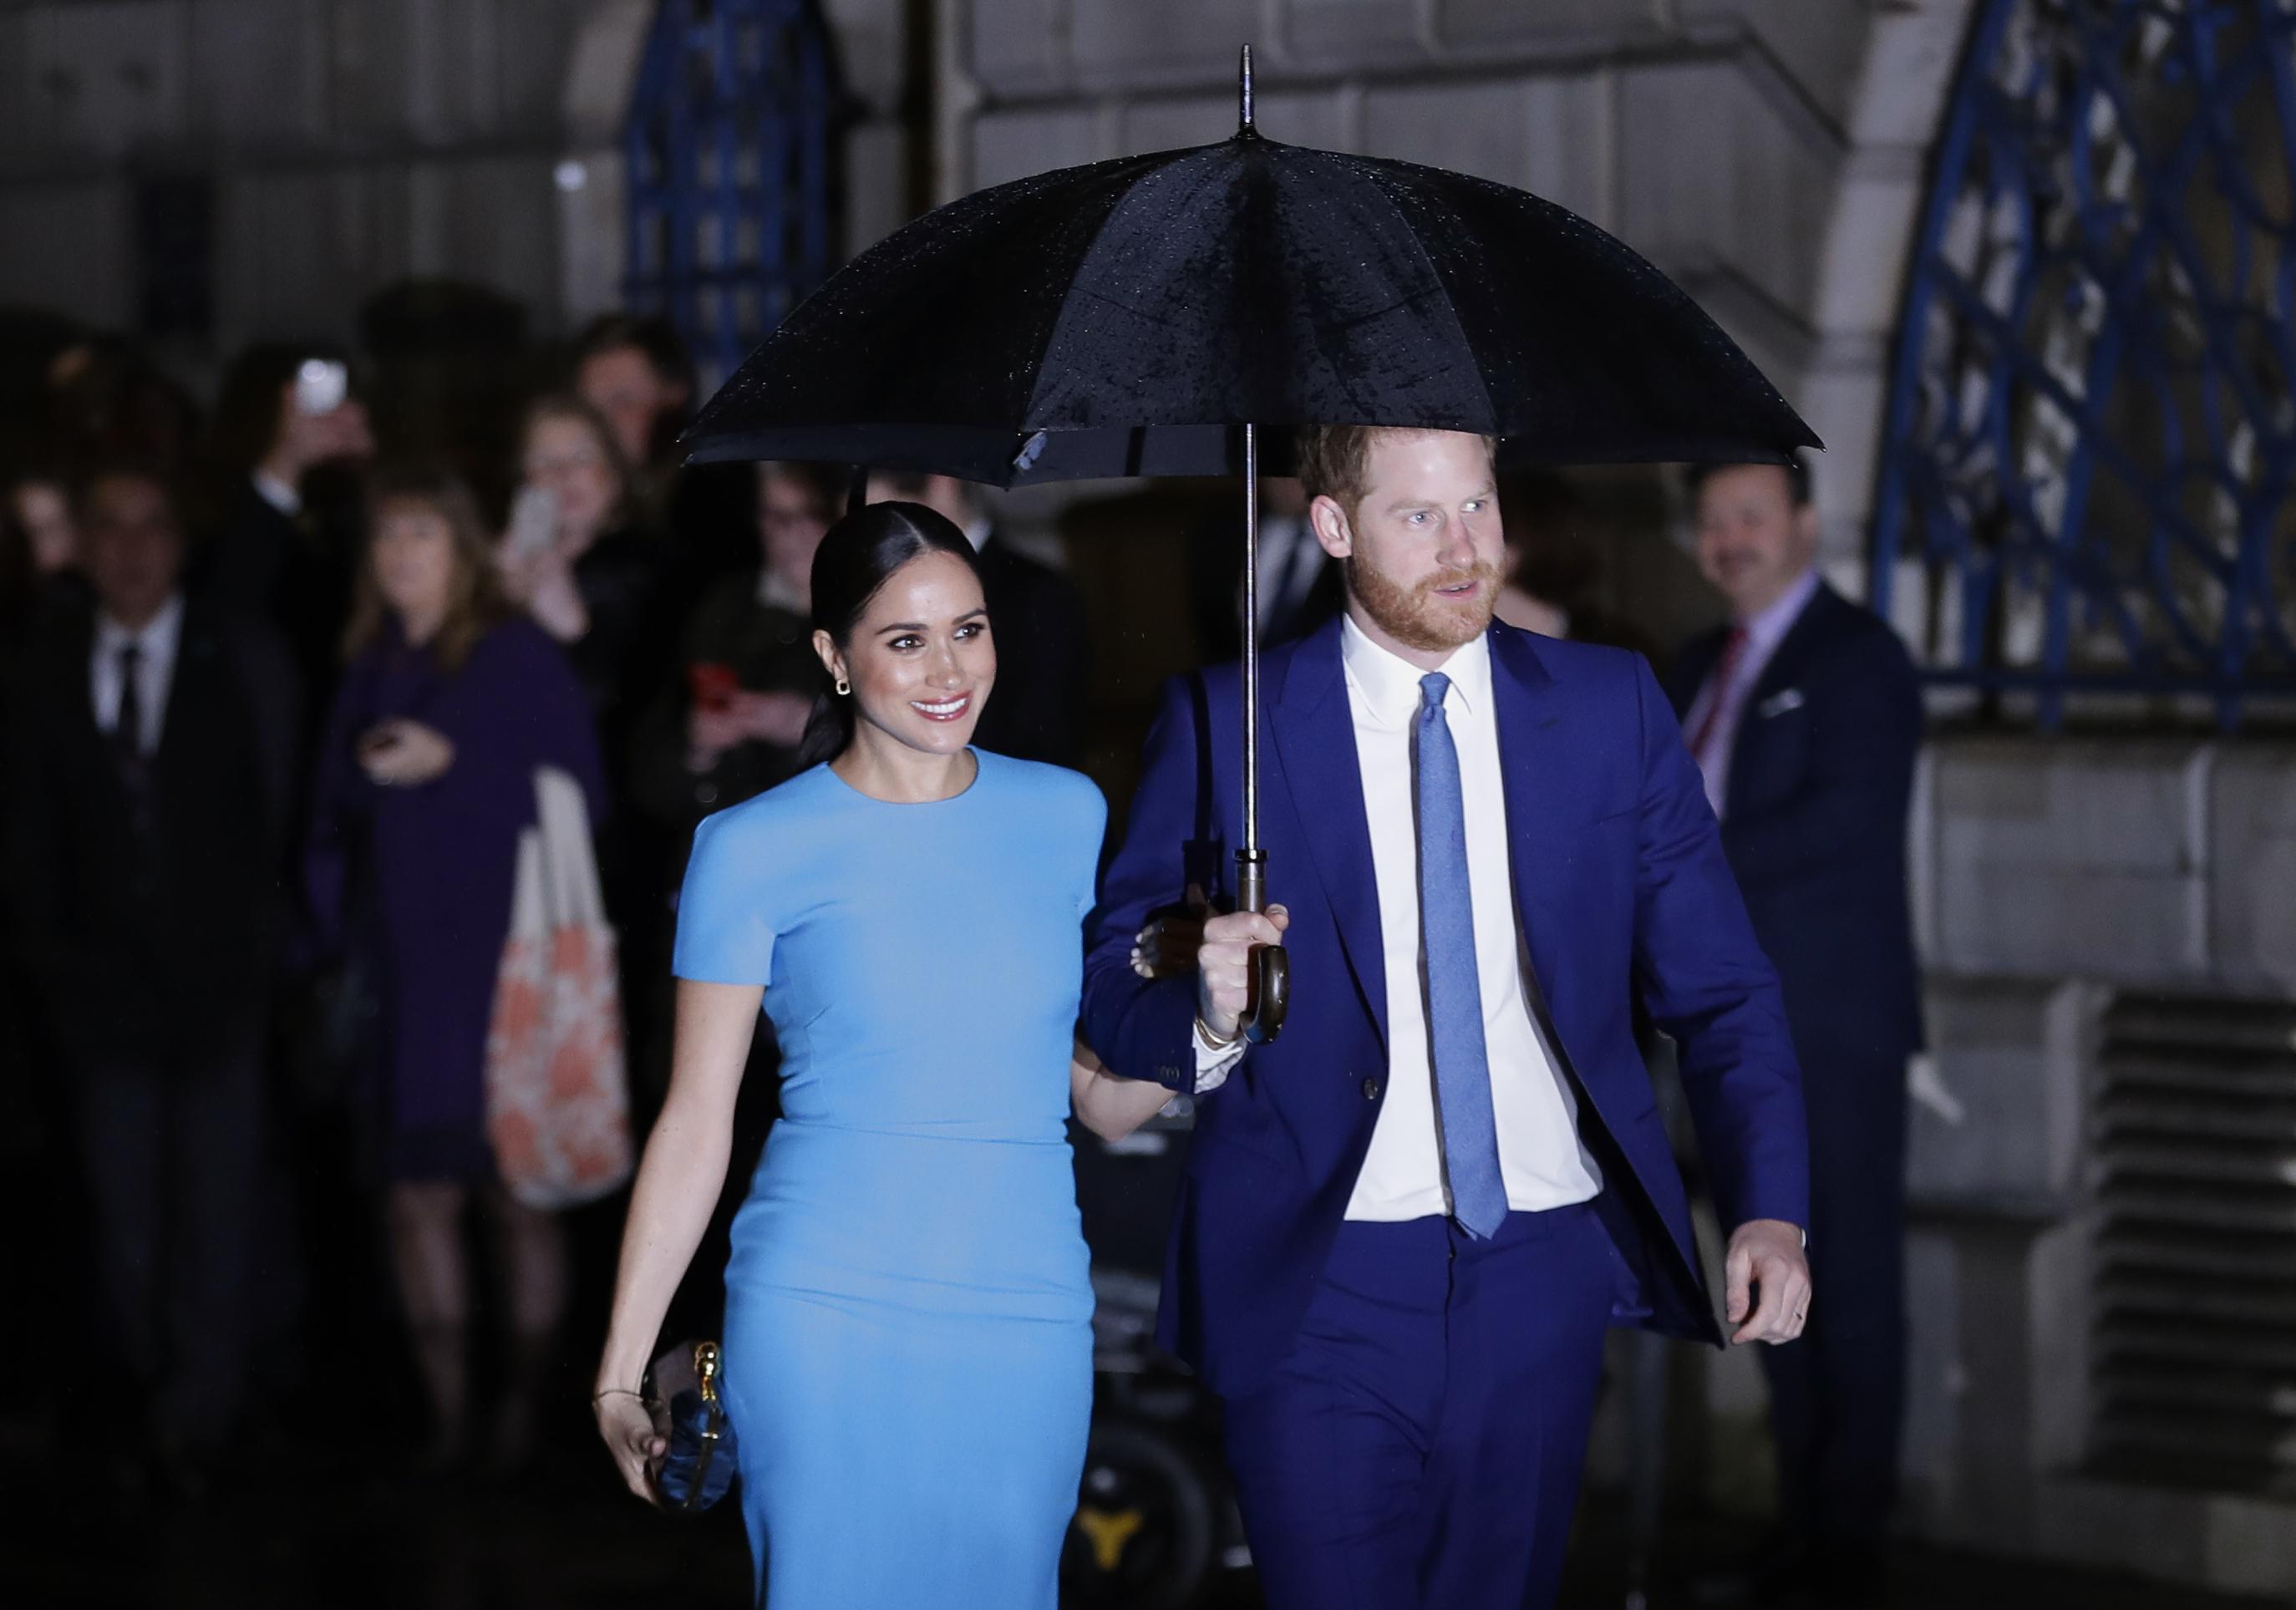 Para esta ocasión, Markle eligió un vestido azul con tacos más oscuros. (AP)